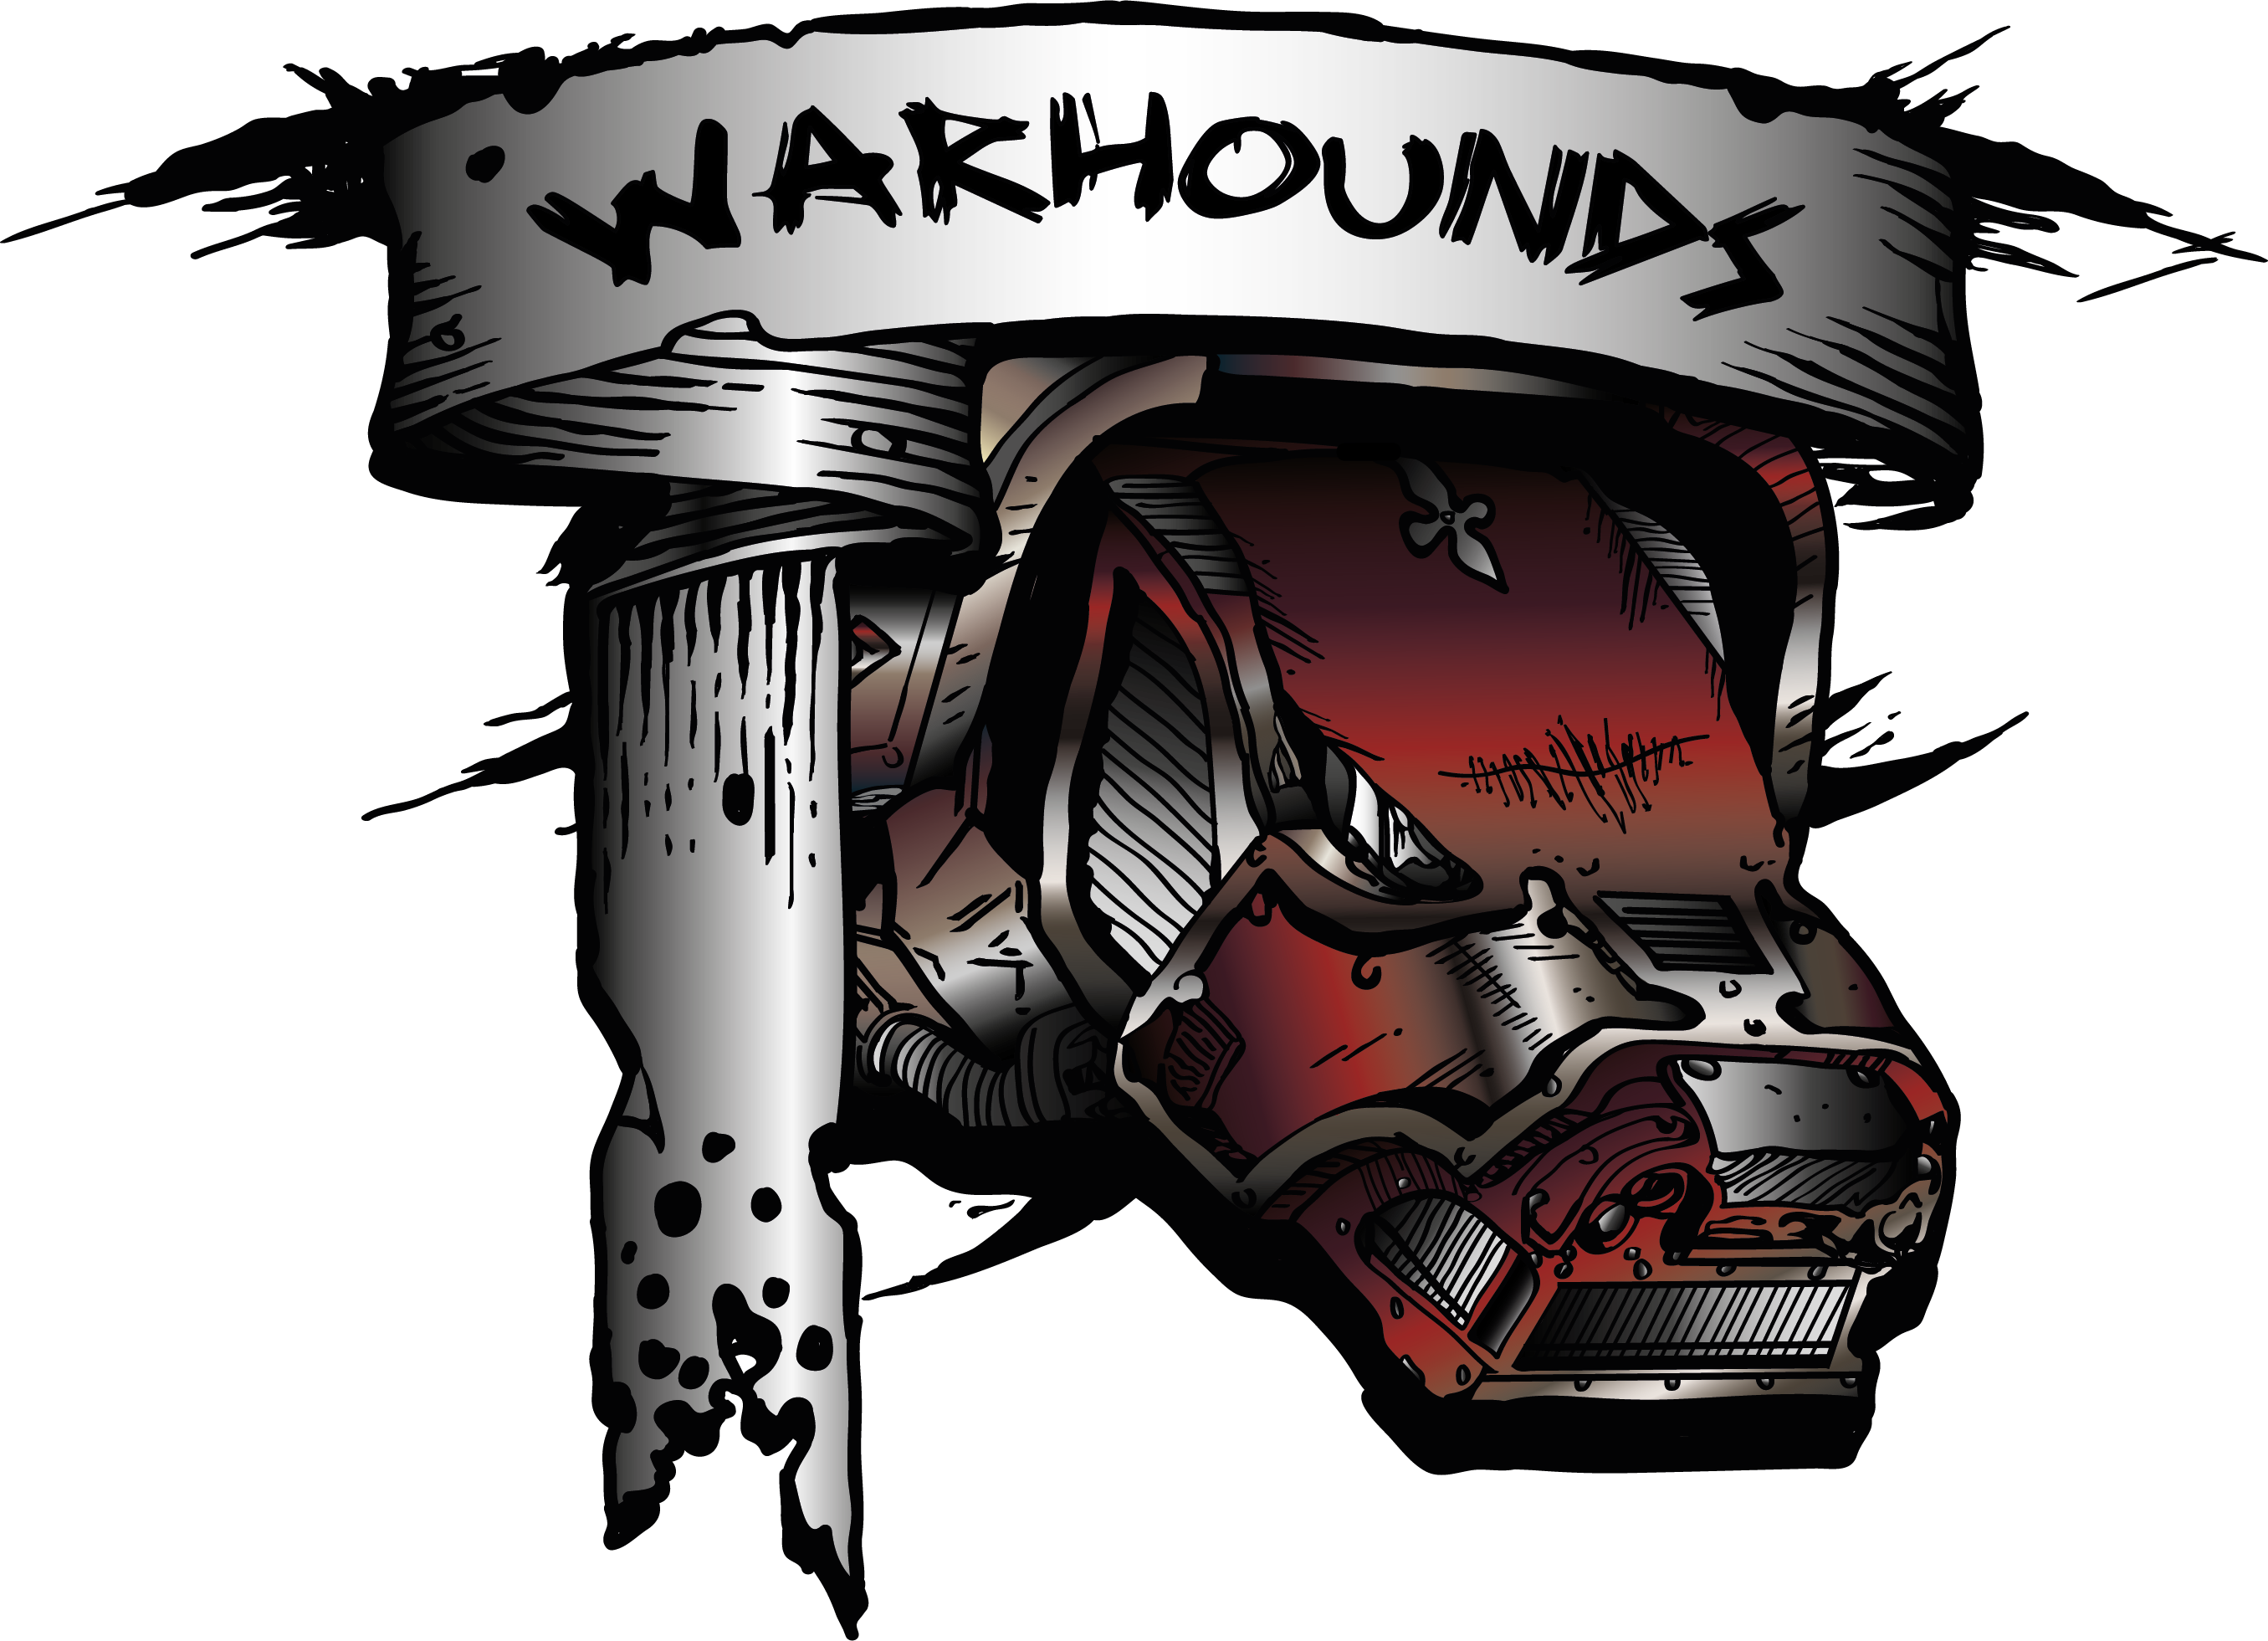 Warhounds Austria